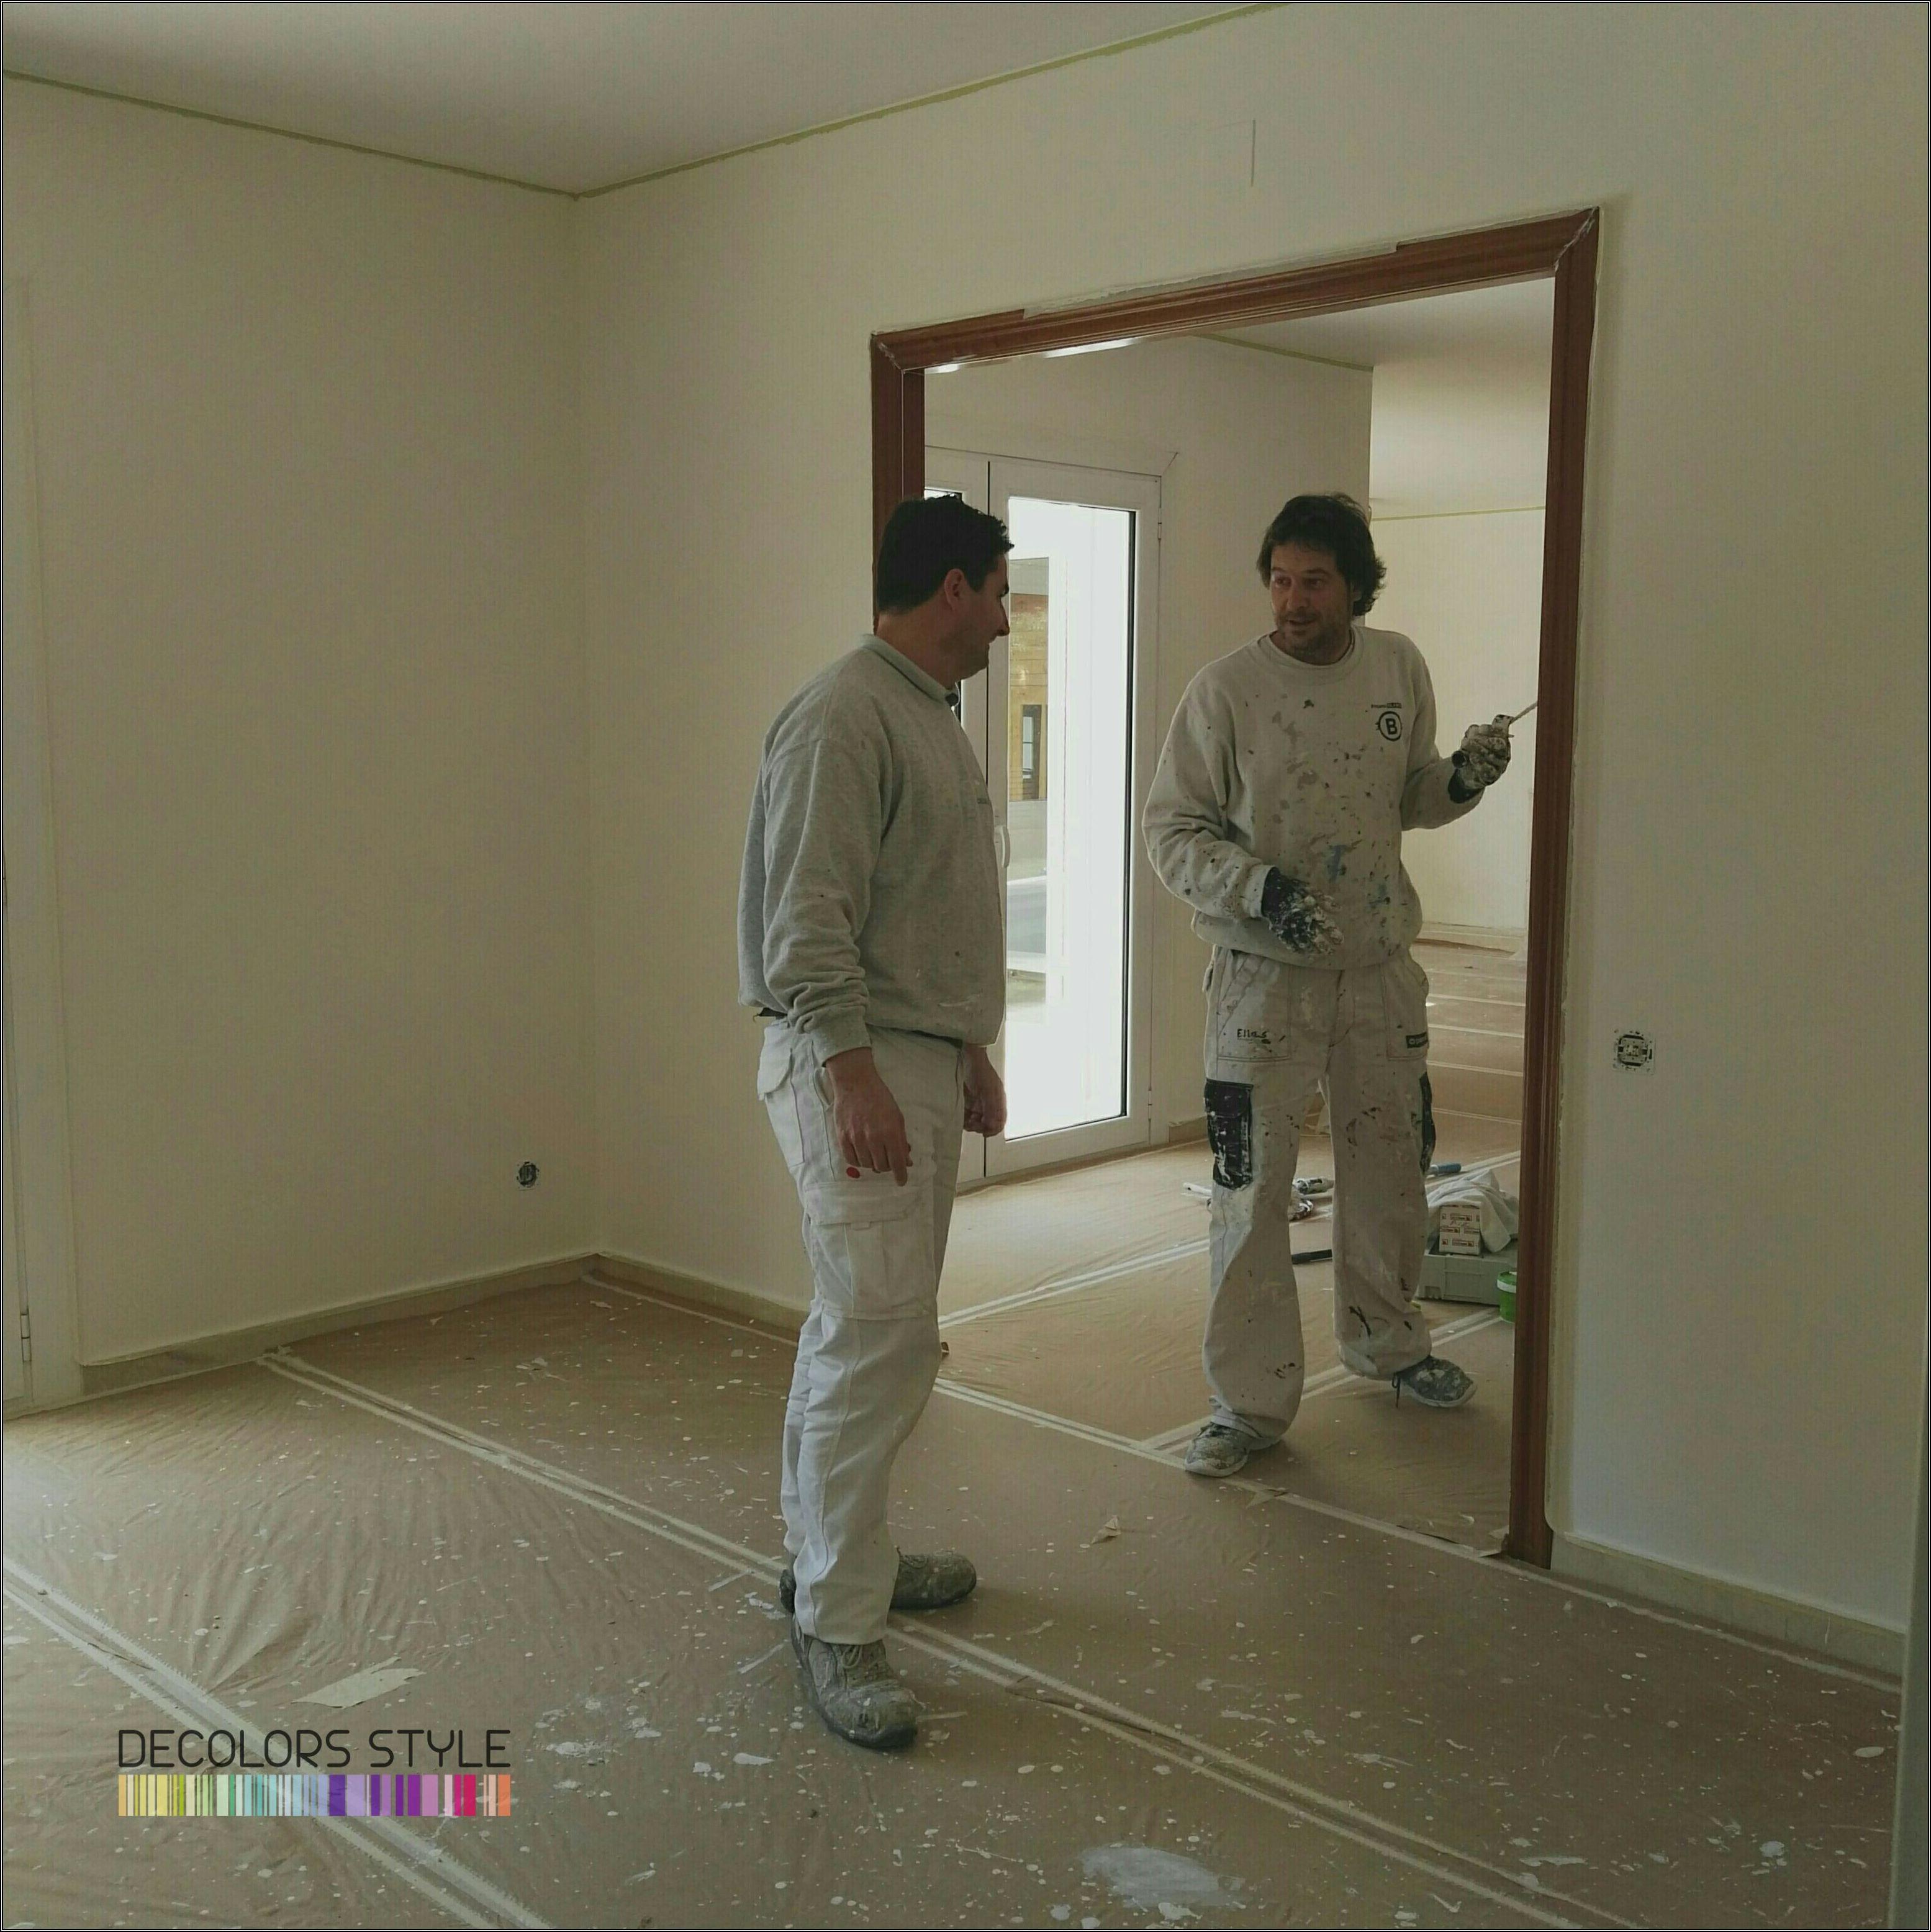 Pintores decoradores